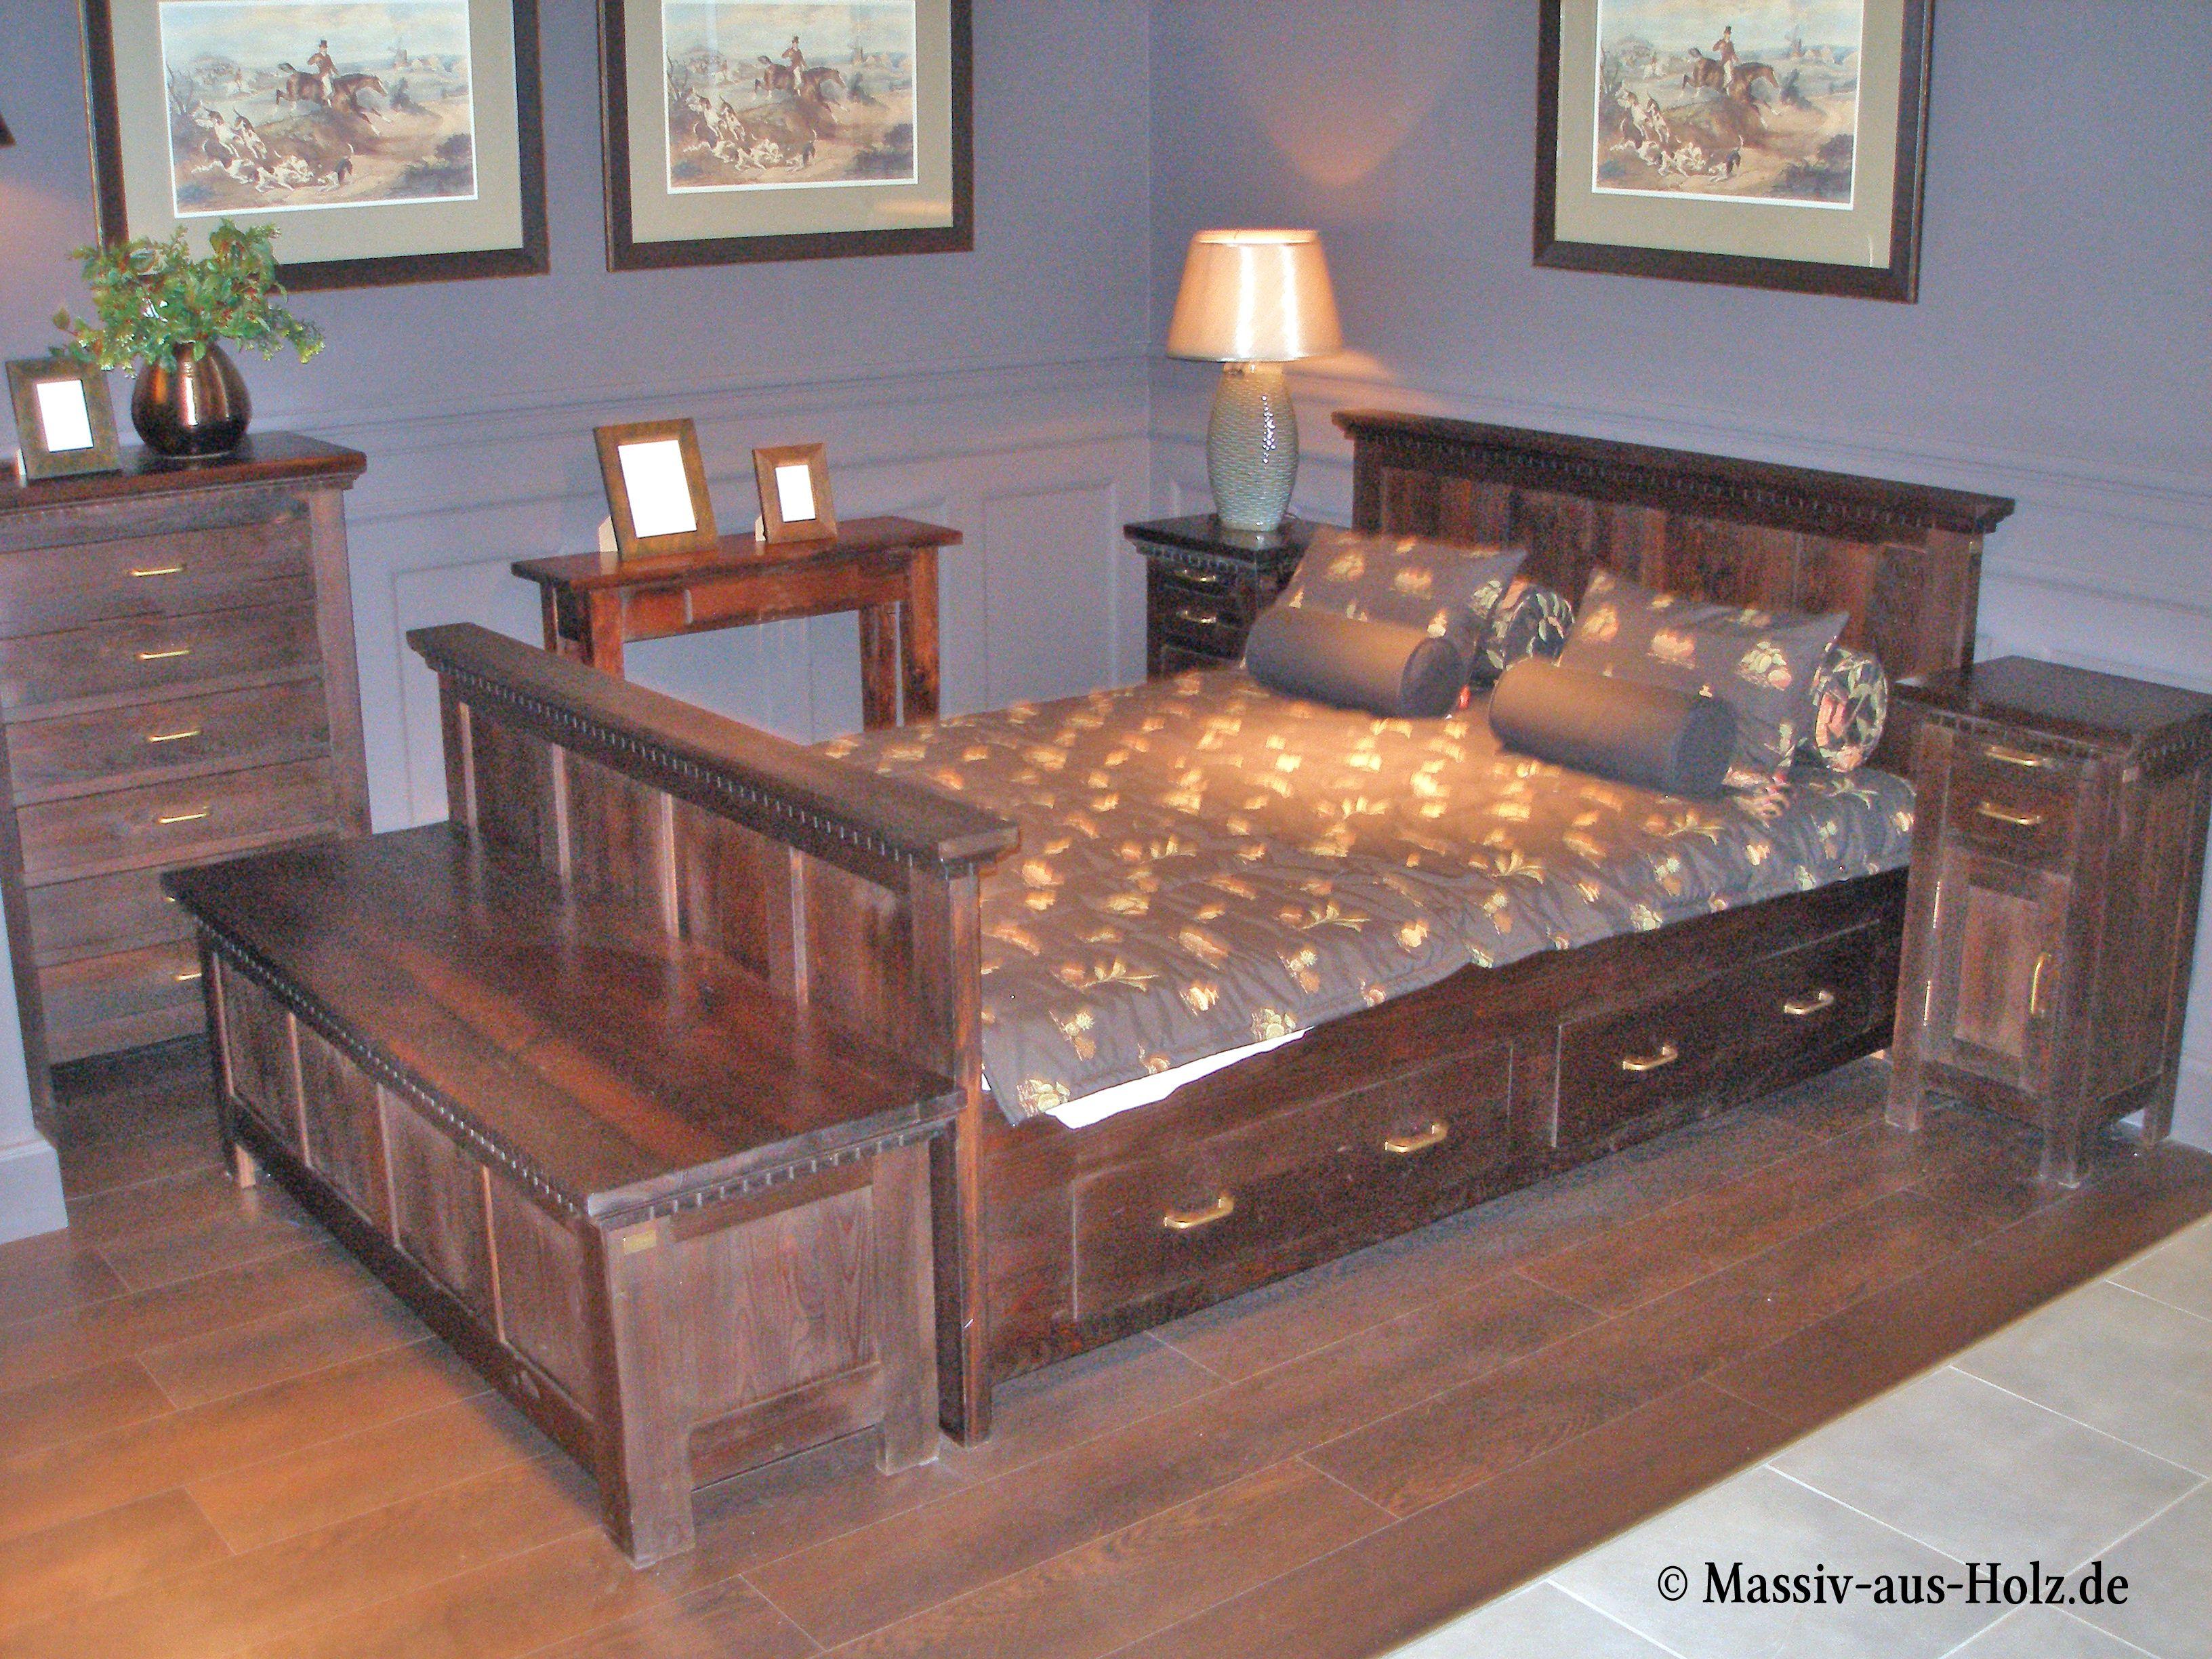 Möbel in Kolonial-Farbe www.massiv-aus-holz.de #Kolonial ...